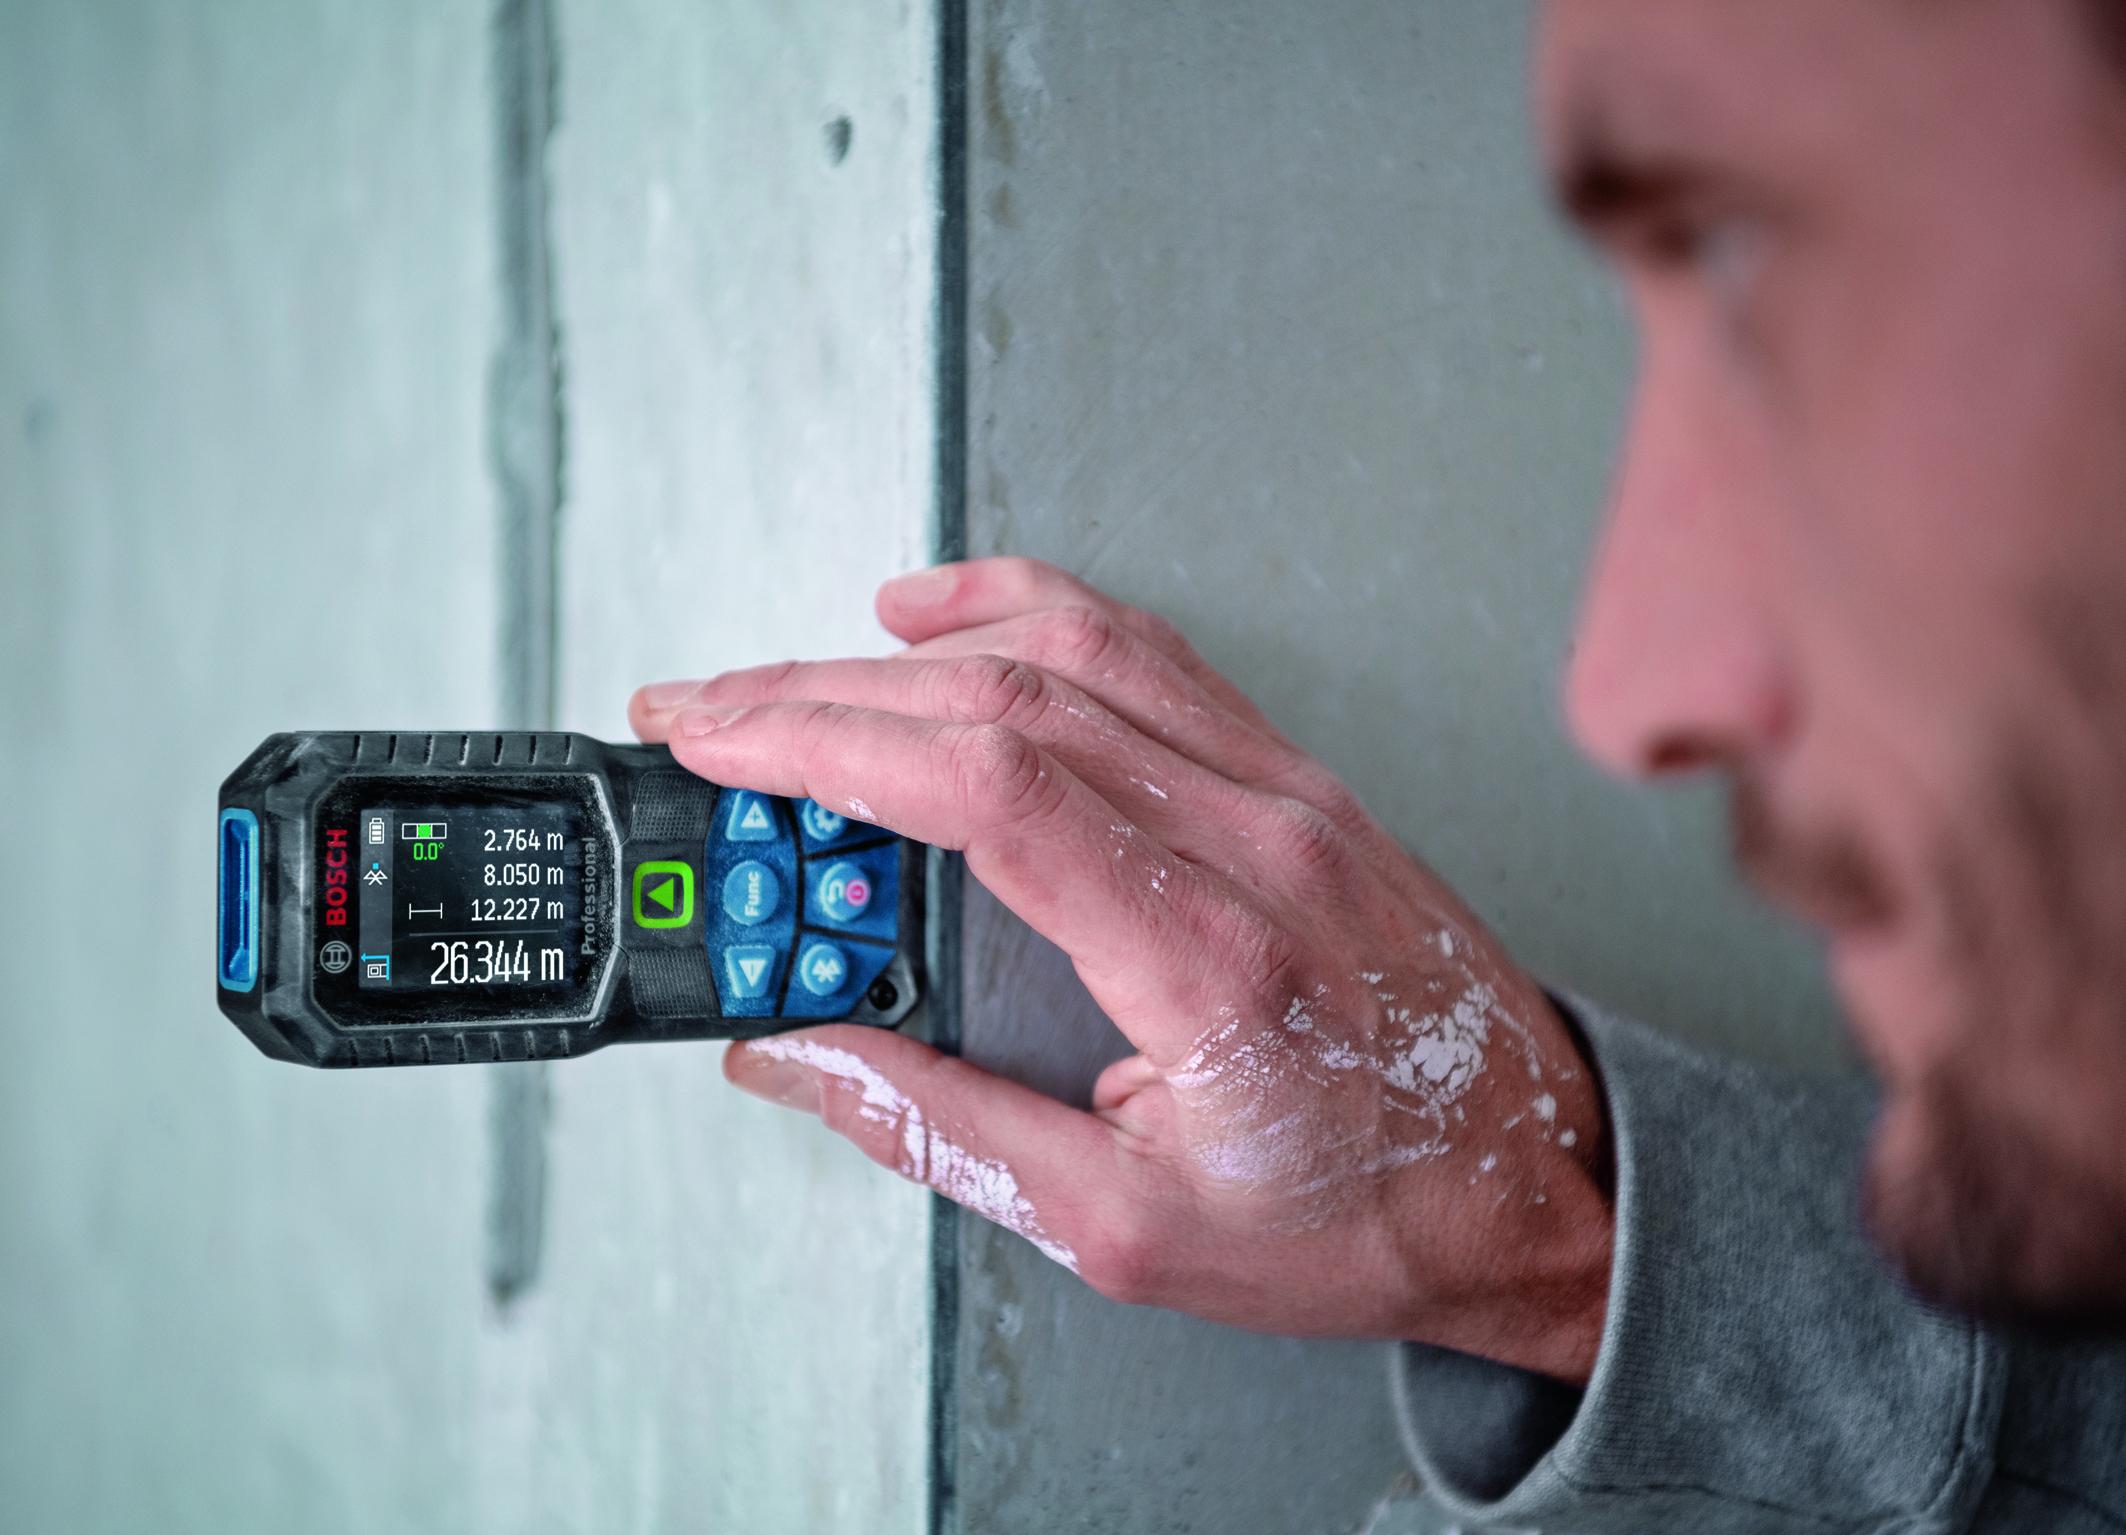 Lepšia manipulácia než kedykoľvek predtým: Robustné laserové diaľkomery od spoločnosti Bosch pre profesionálov